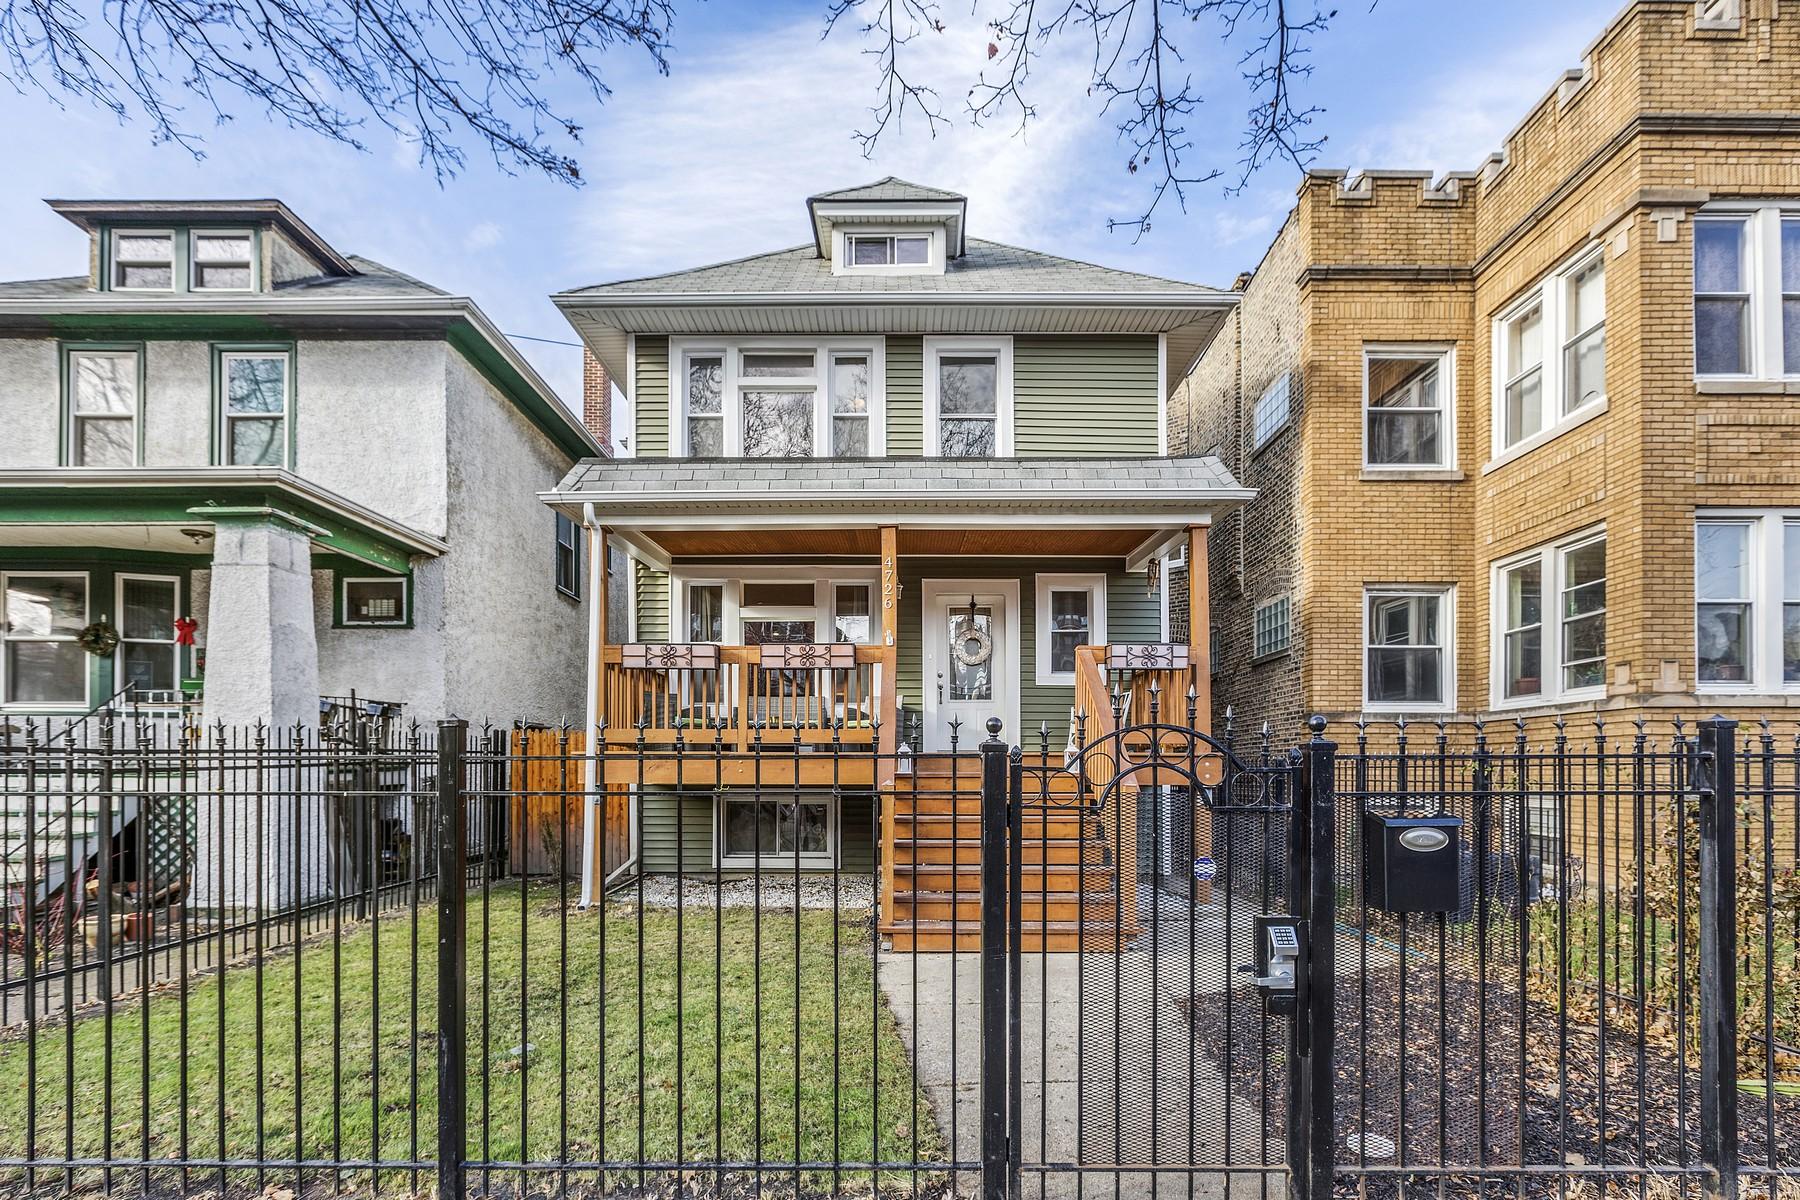 Частный односемейный дом для того Продажа на Like-New Construction 4726 N Drake Avenue, Albany Park, Chicago, Иллинойс, 60625 Соединенные Штаты